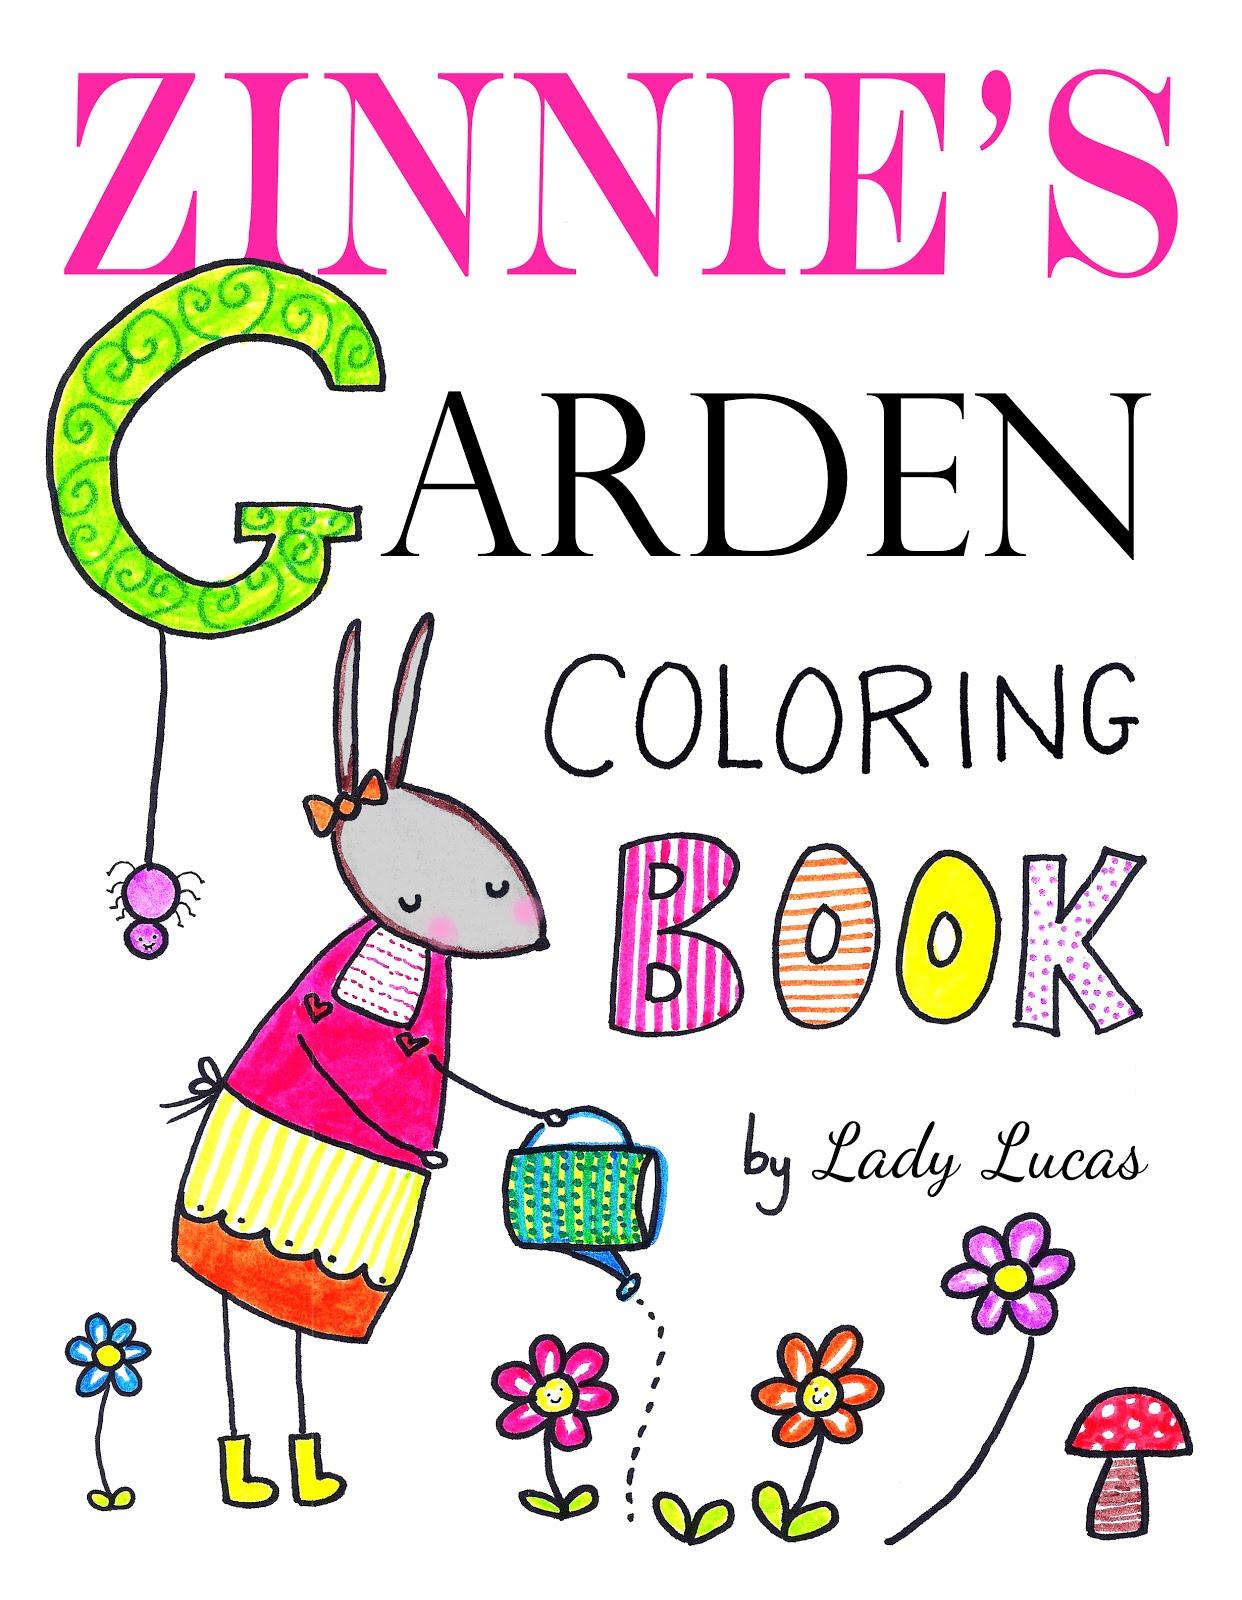 Zinnie's Garden